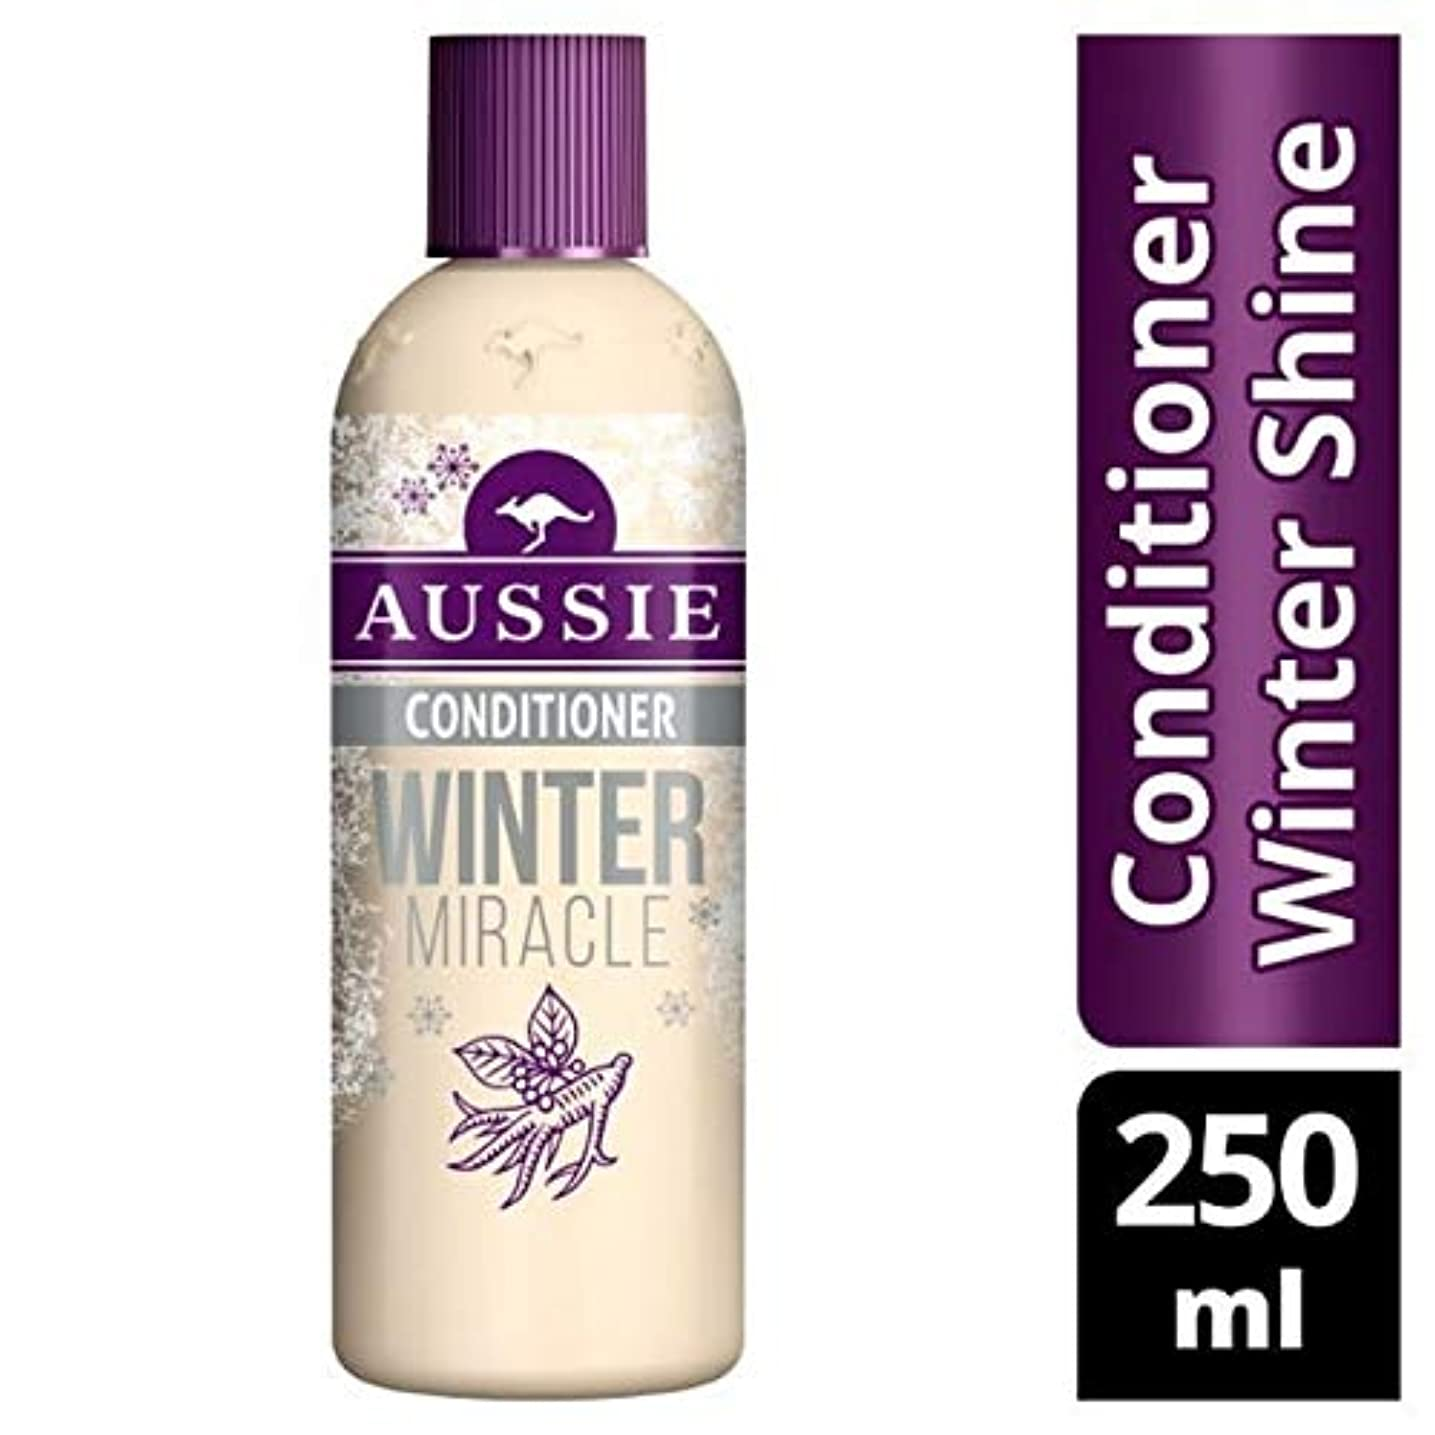 ホラー間違いなく起こりやすい[Aussie ] 鈍い、疲れた髪の250ミリリットルのためのオーストラリアコンディショナー冬の奇跡 - Aussie Conditioner Winter Miracle For Dull, Tired Hair 250ml...